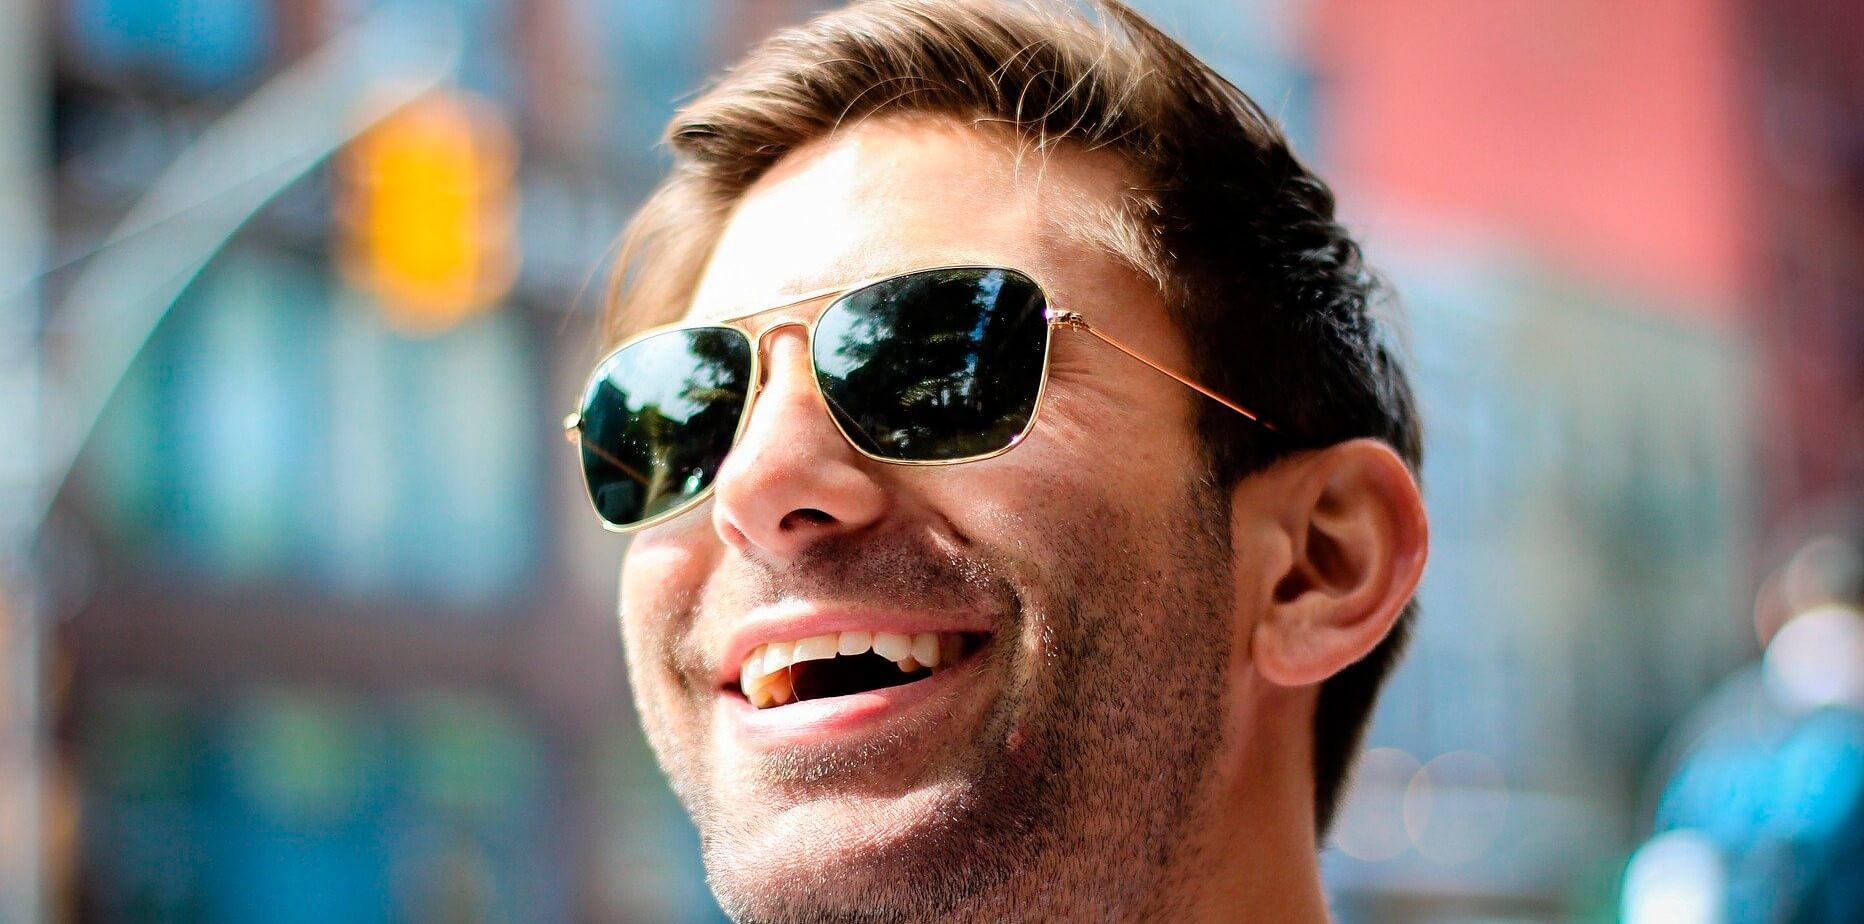 hombre feliz con gafas de sol sonríe en la ciudad